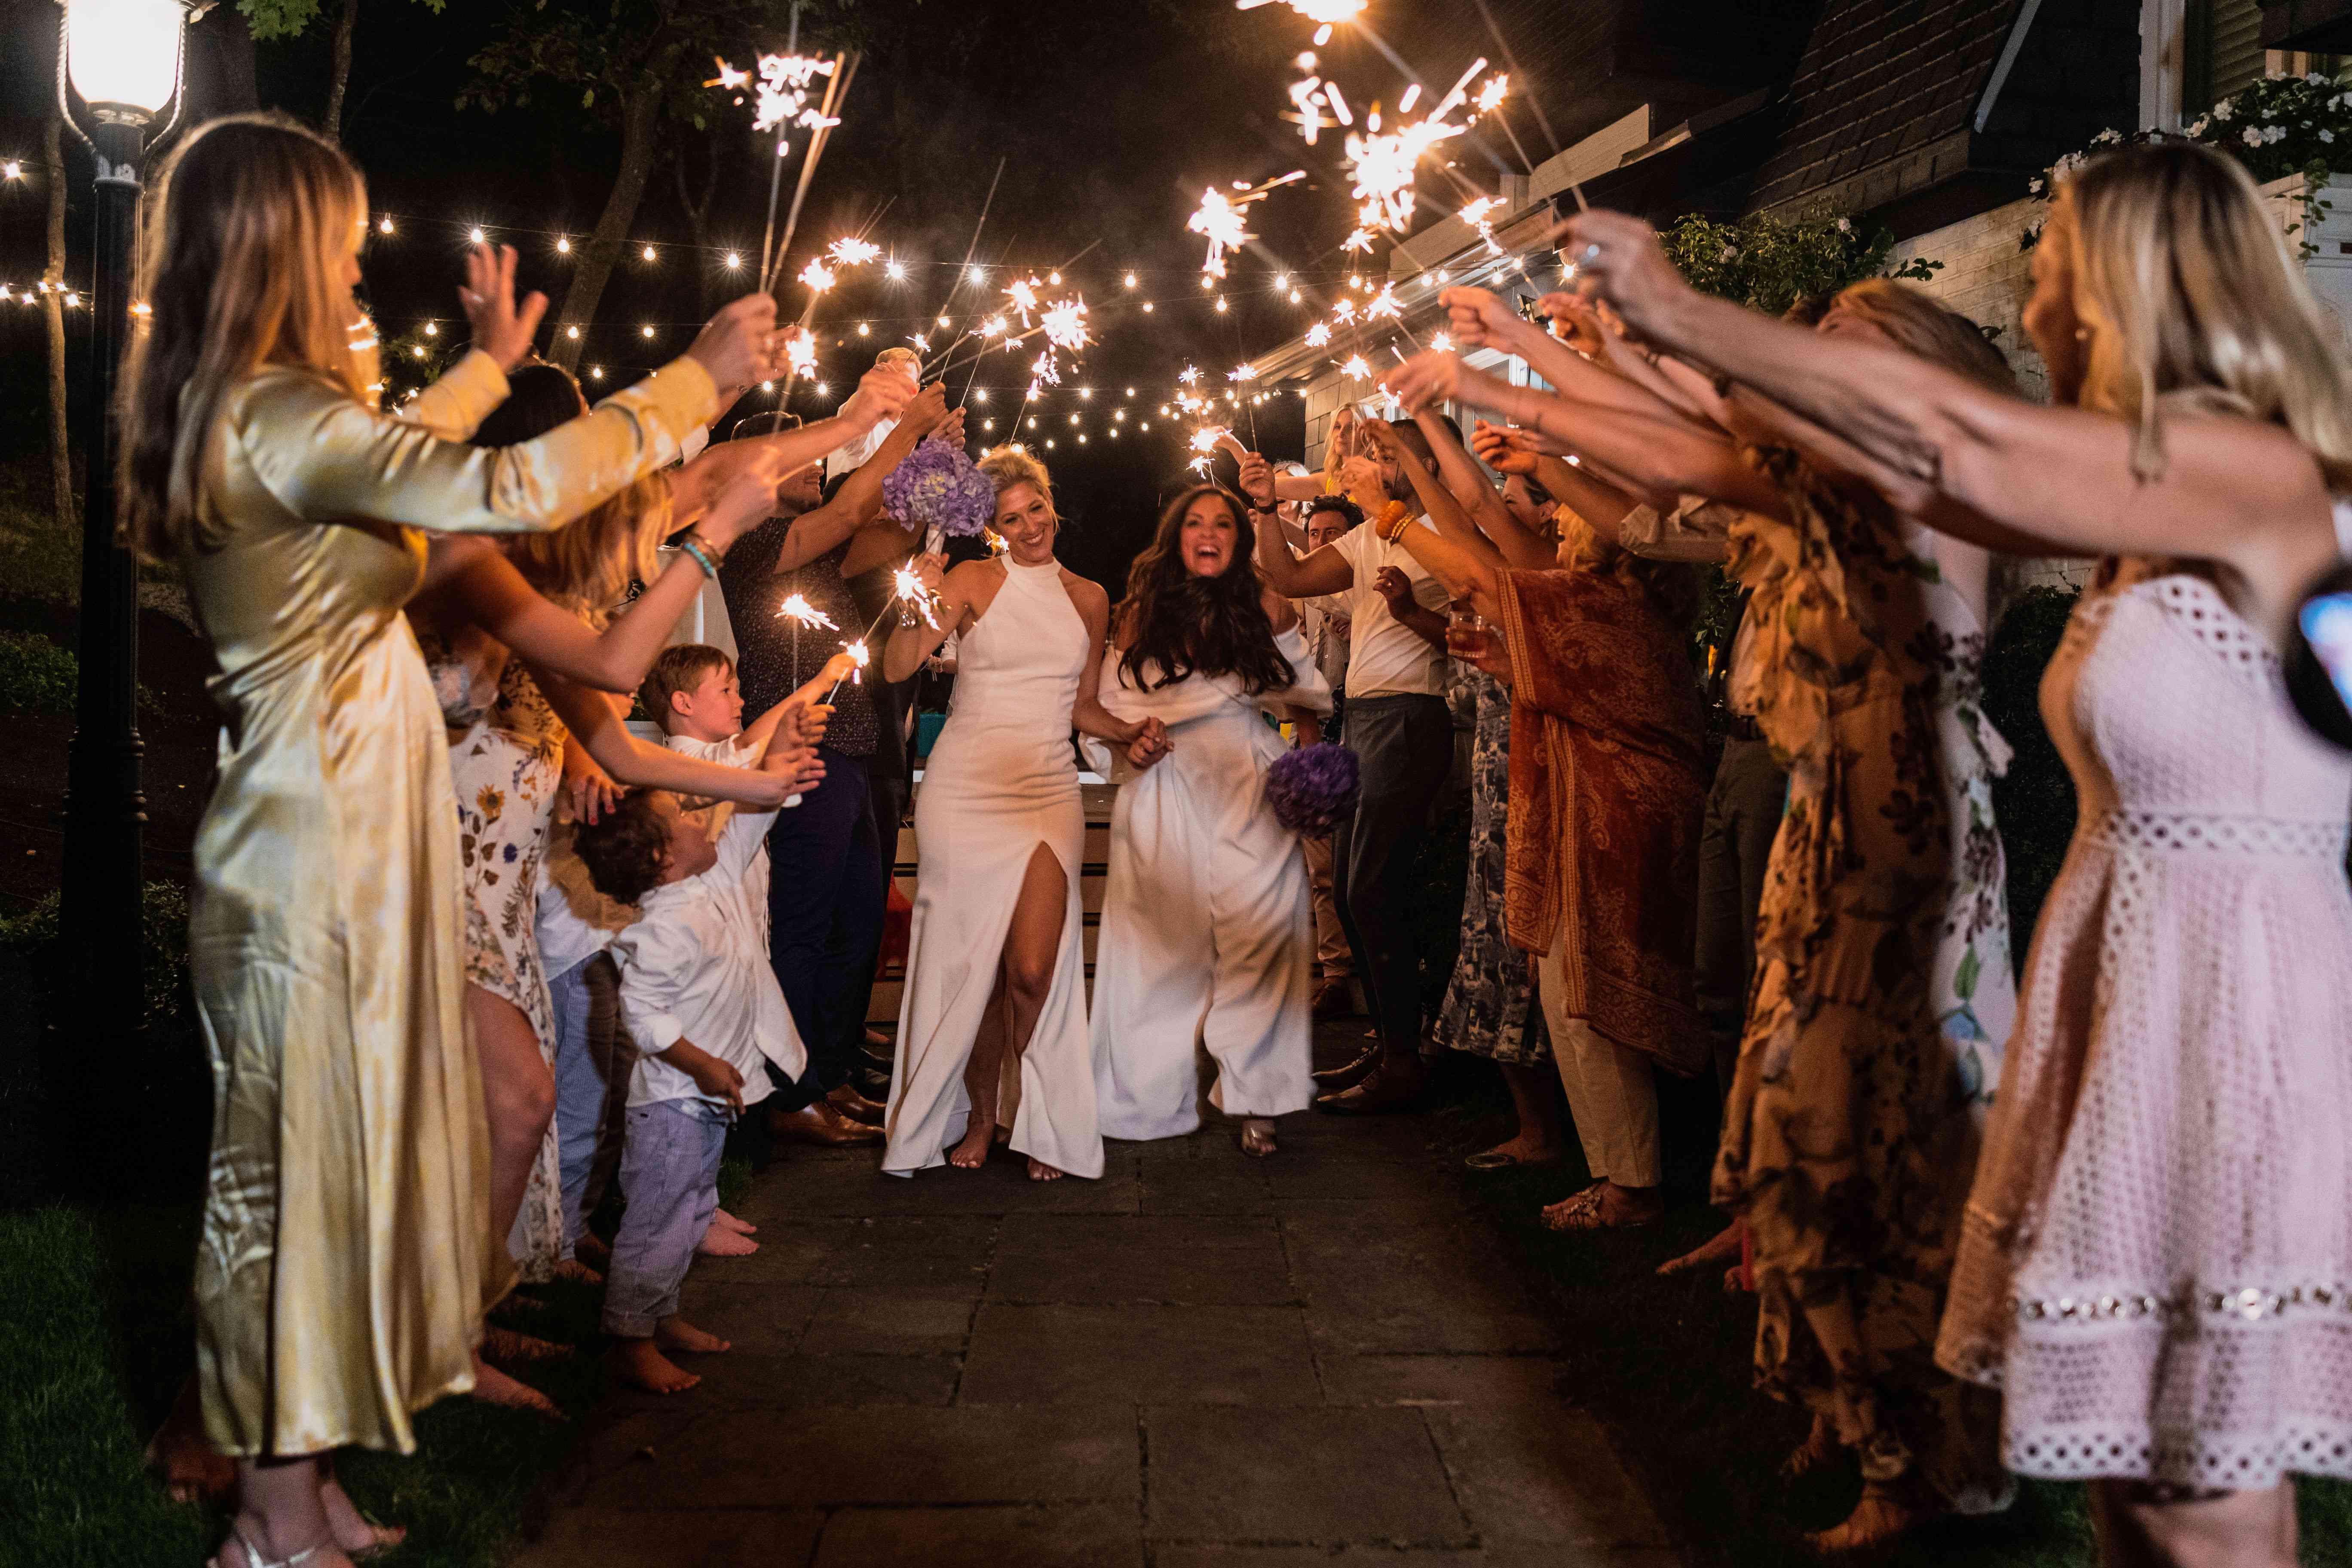 brides under sparklers